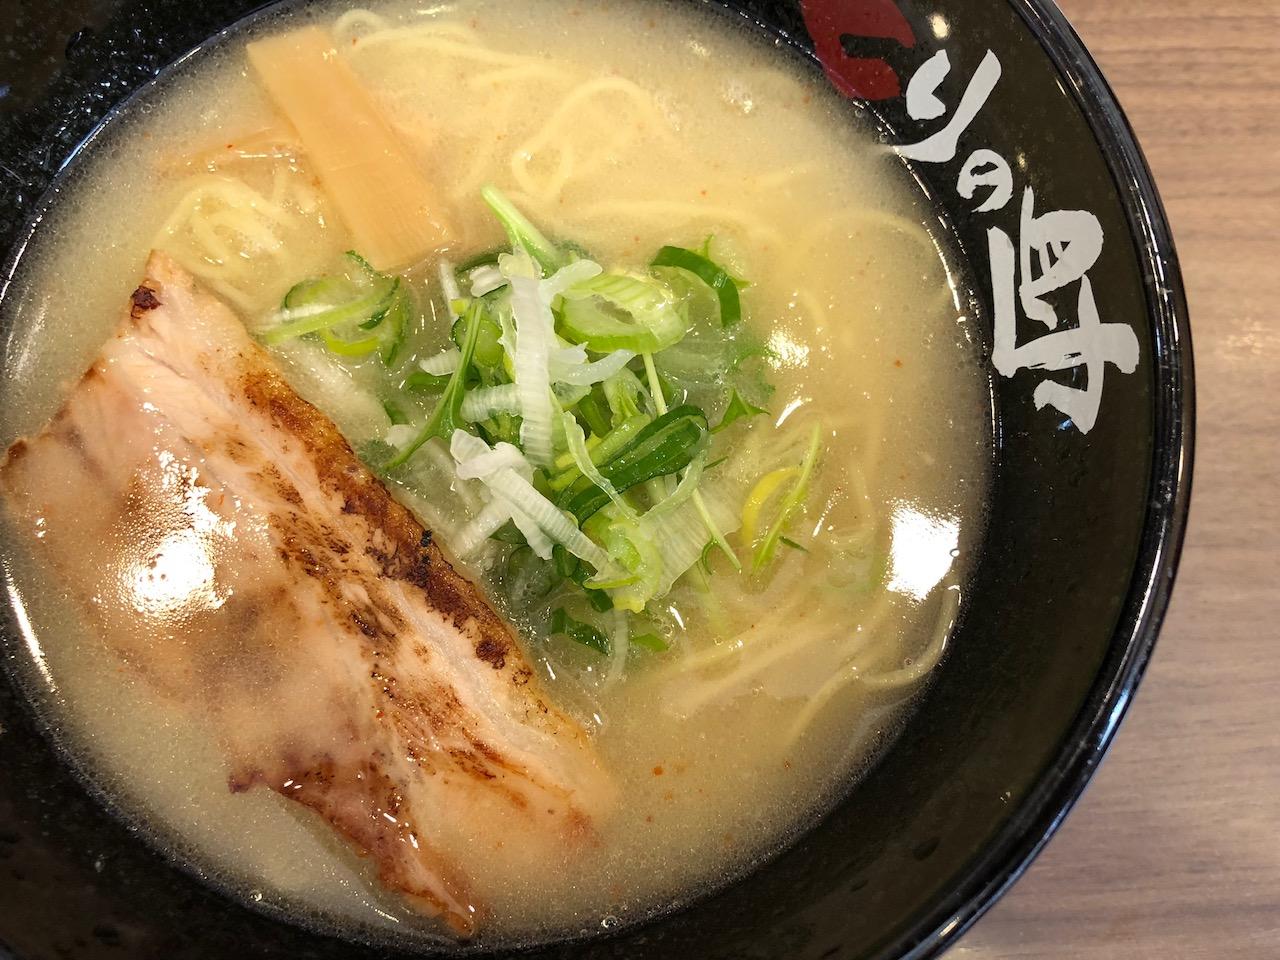 姫路駅前のラーメン屋「とりの助」はザ・鶏ガラでした!お得なランチメニューもアリ